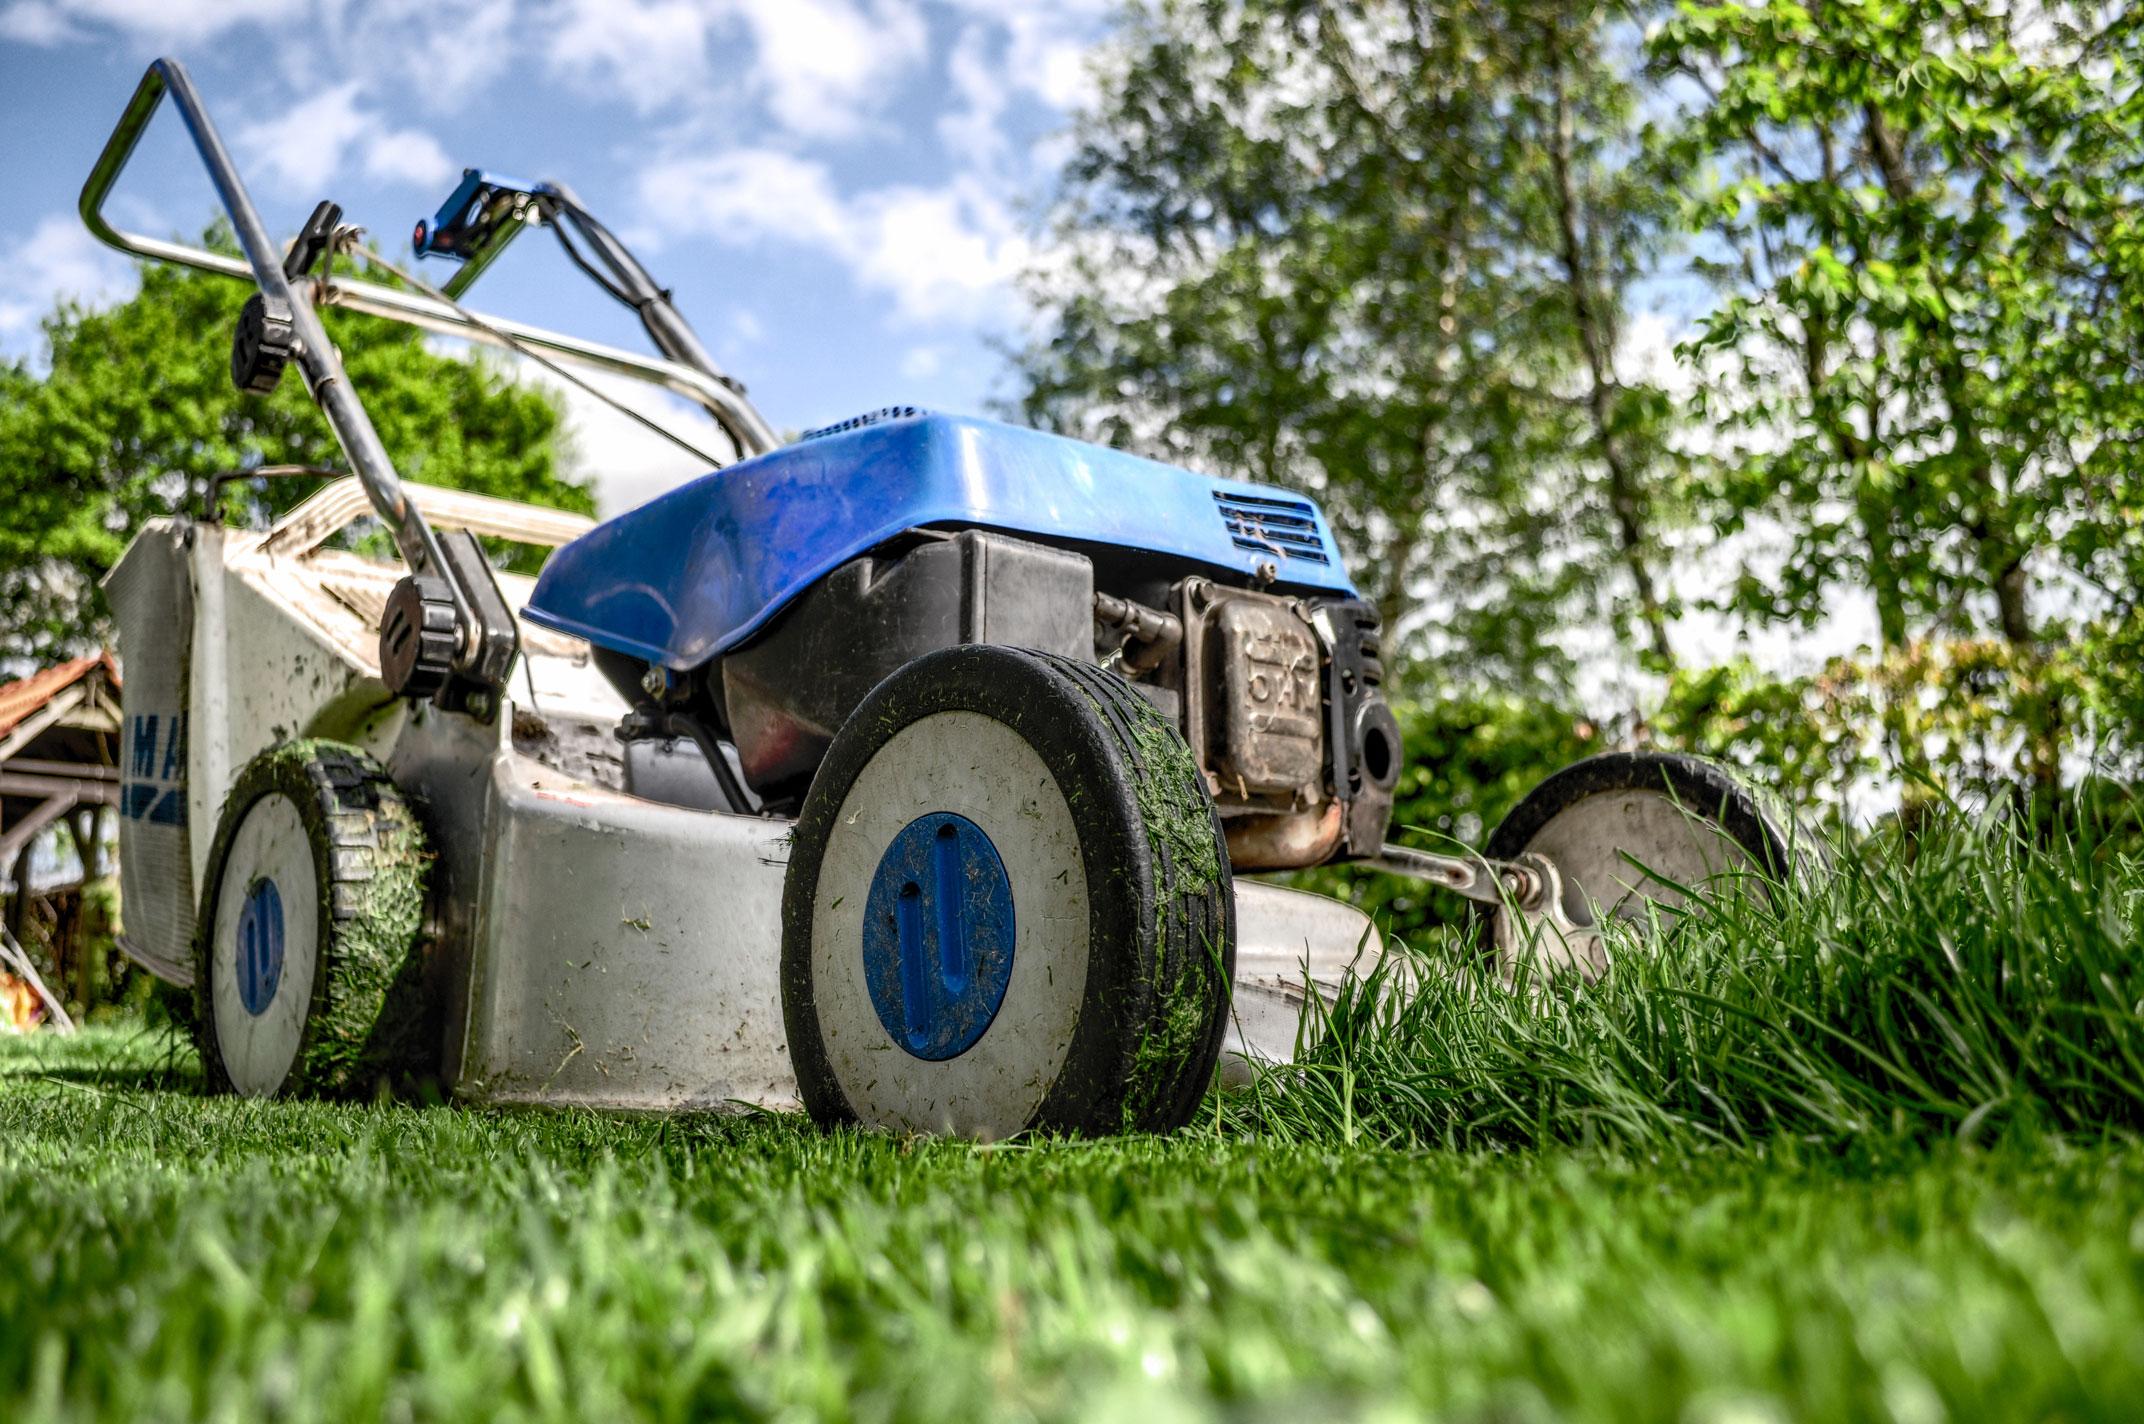 garden-grass-meadow-green.jpg